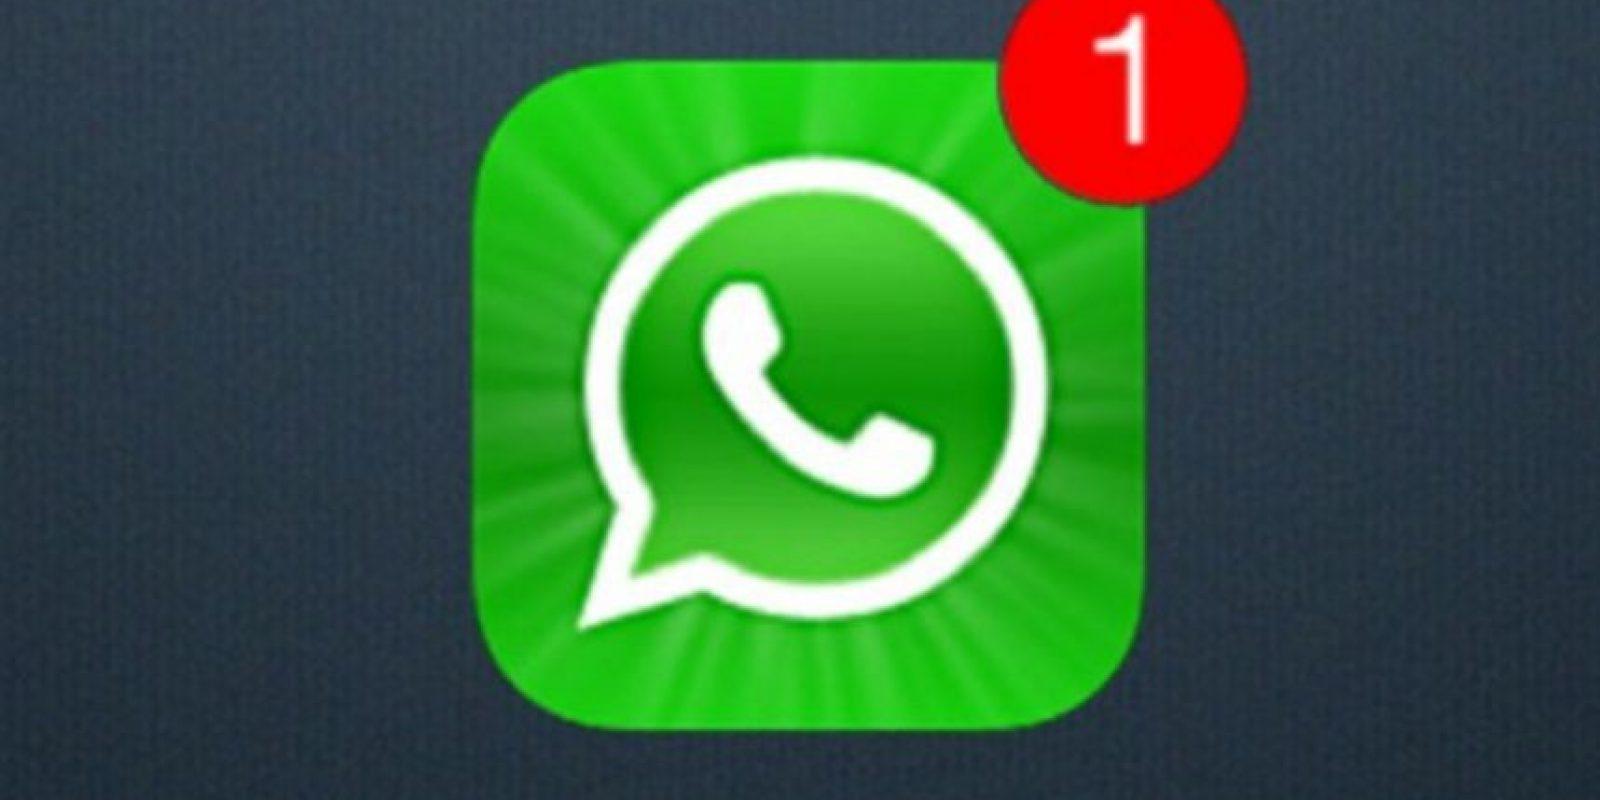 WhatsApp no quiere que nadie les robe su información. Foto:Vía Tumblr.com